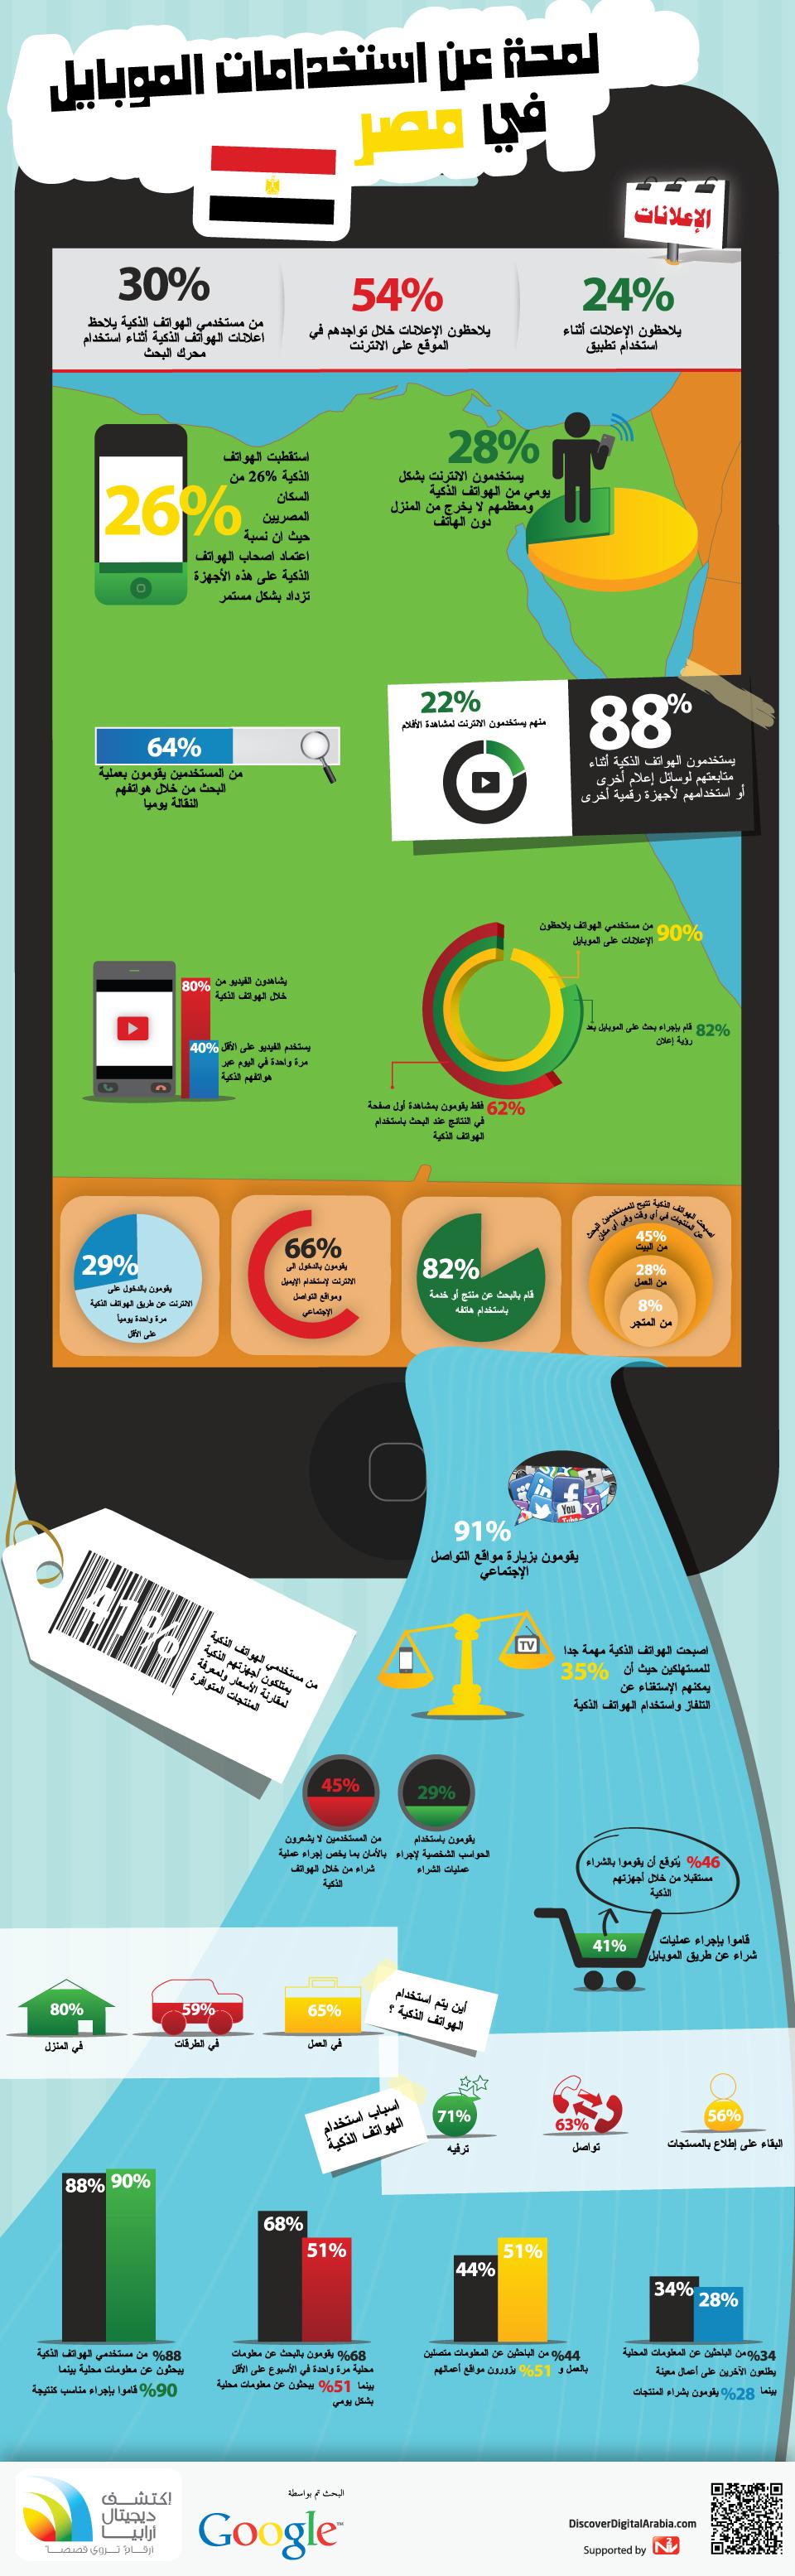 أنفوجرافيك لمحة استخدام الموبايل